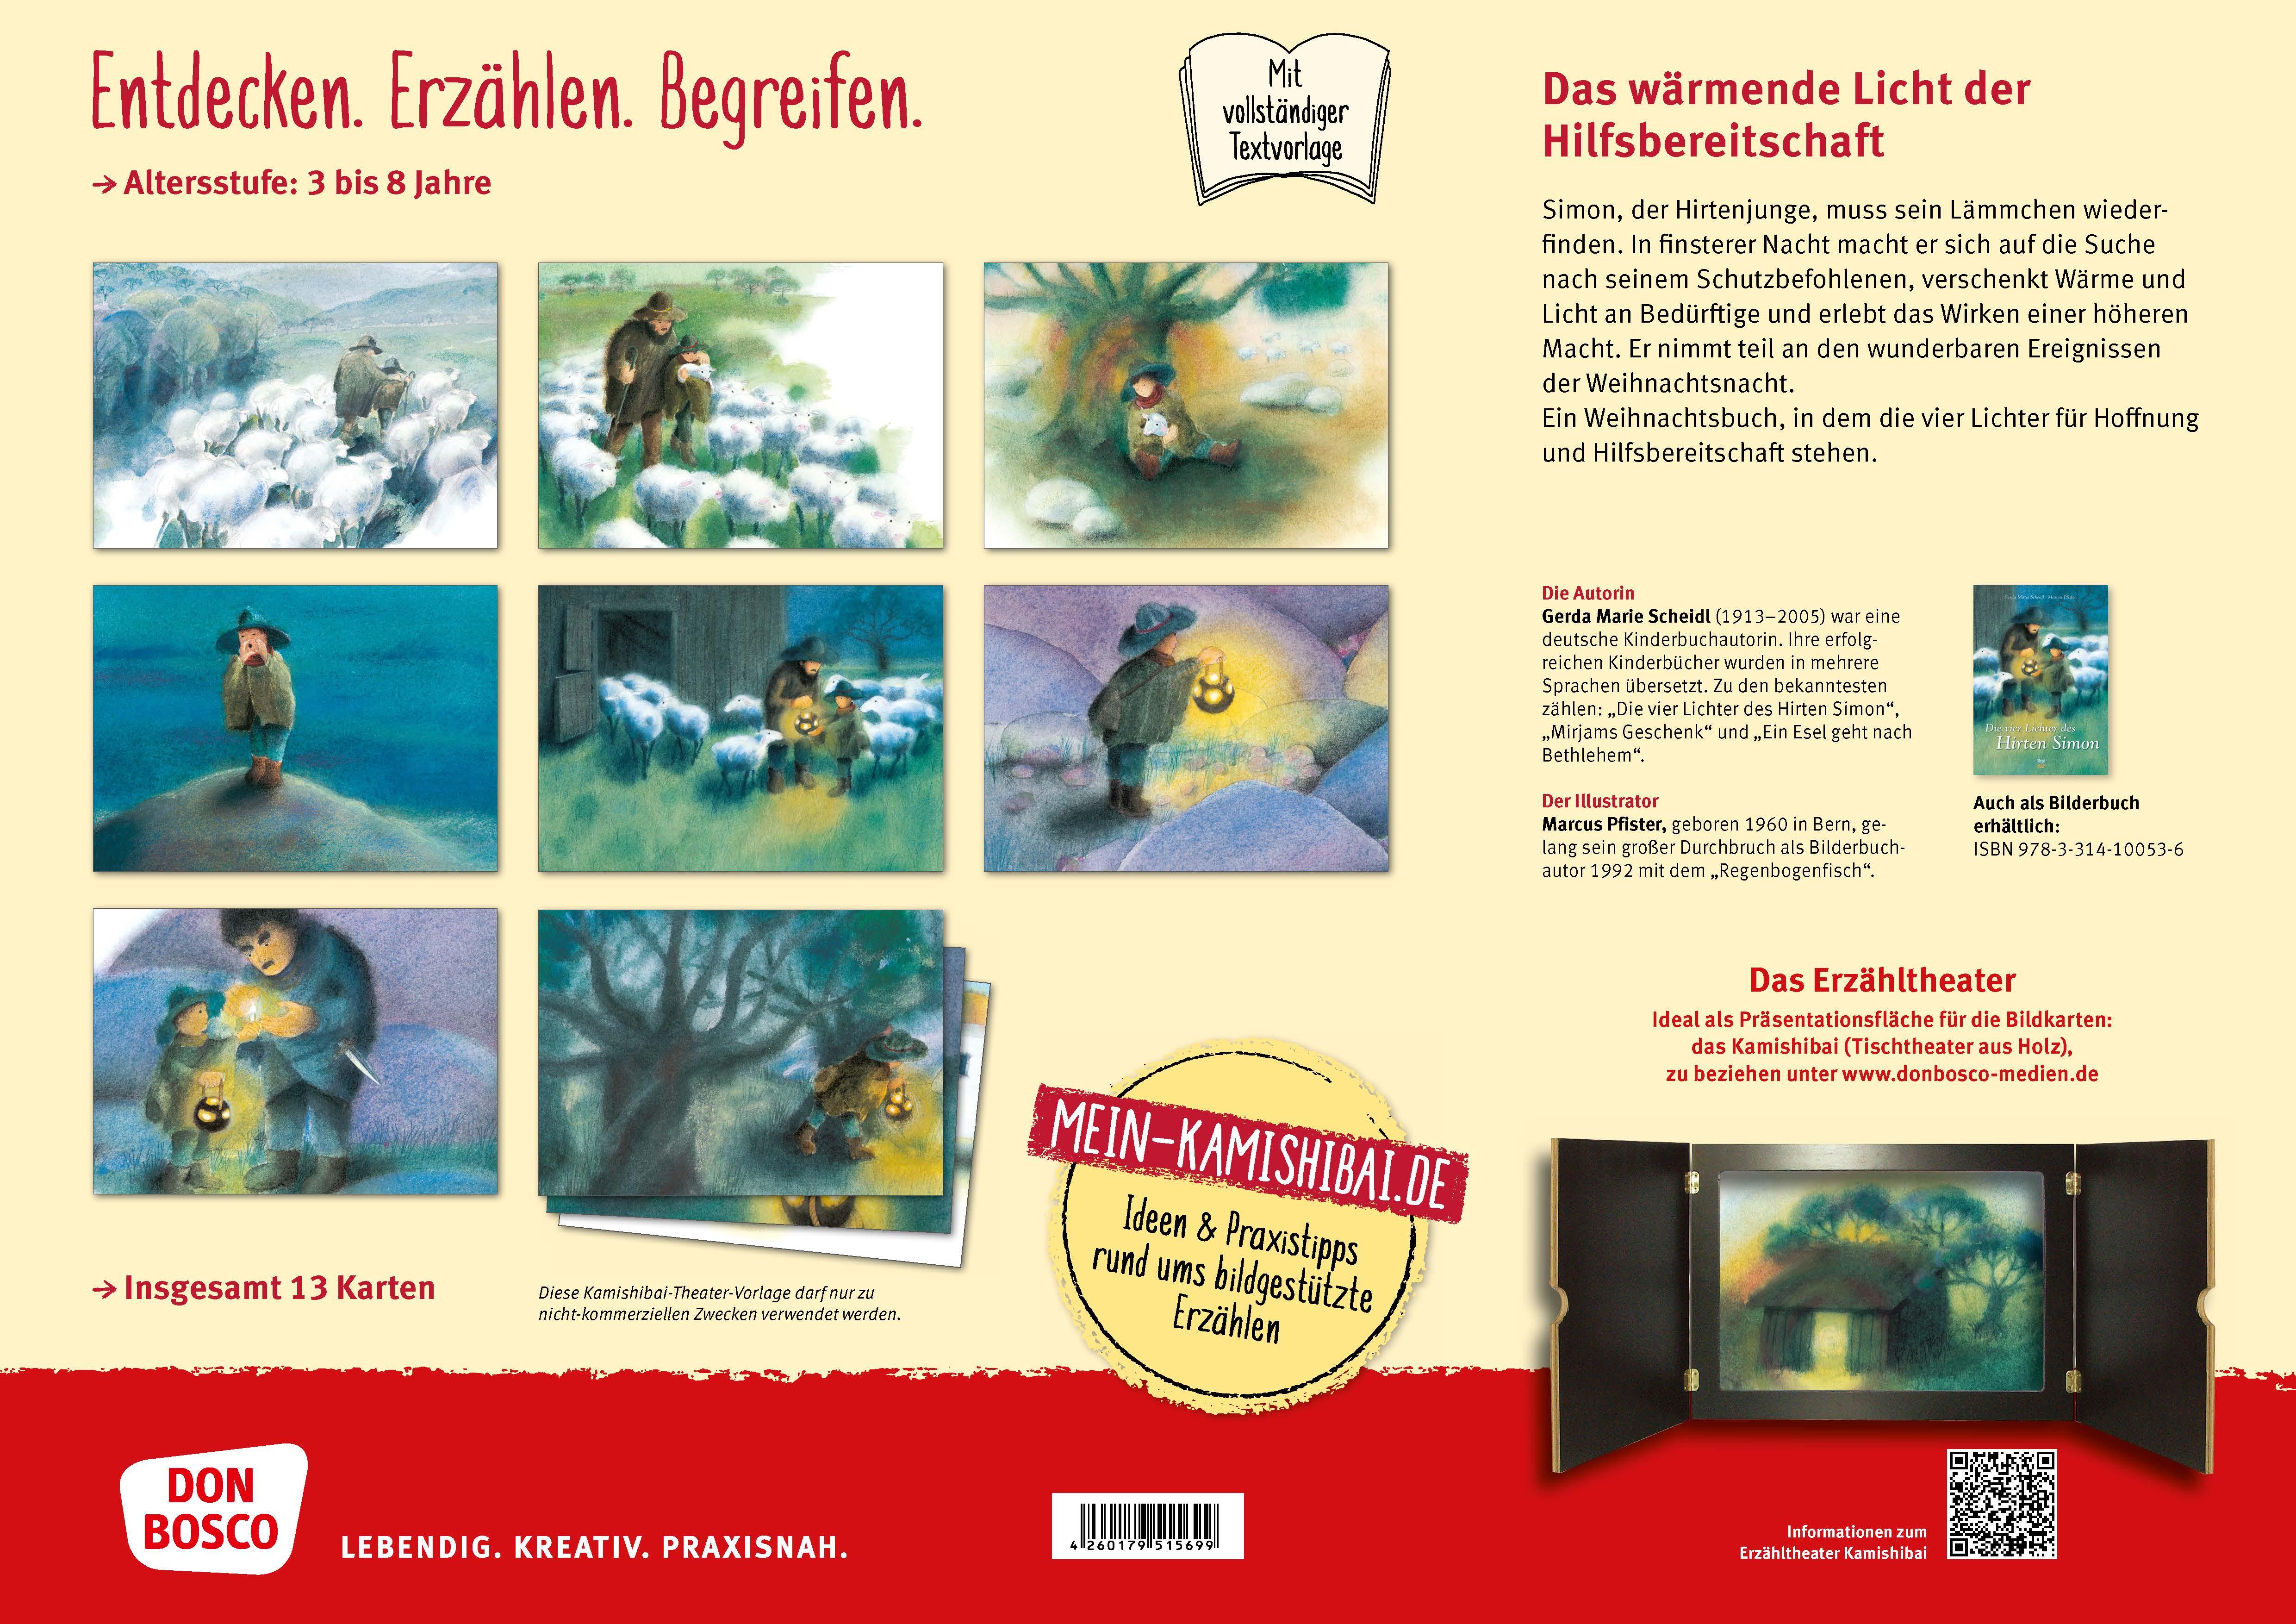 Innenansicht zu Die vier Lichter des Hirten Simon. Kamishibai Bildkartenset.